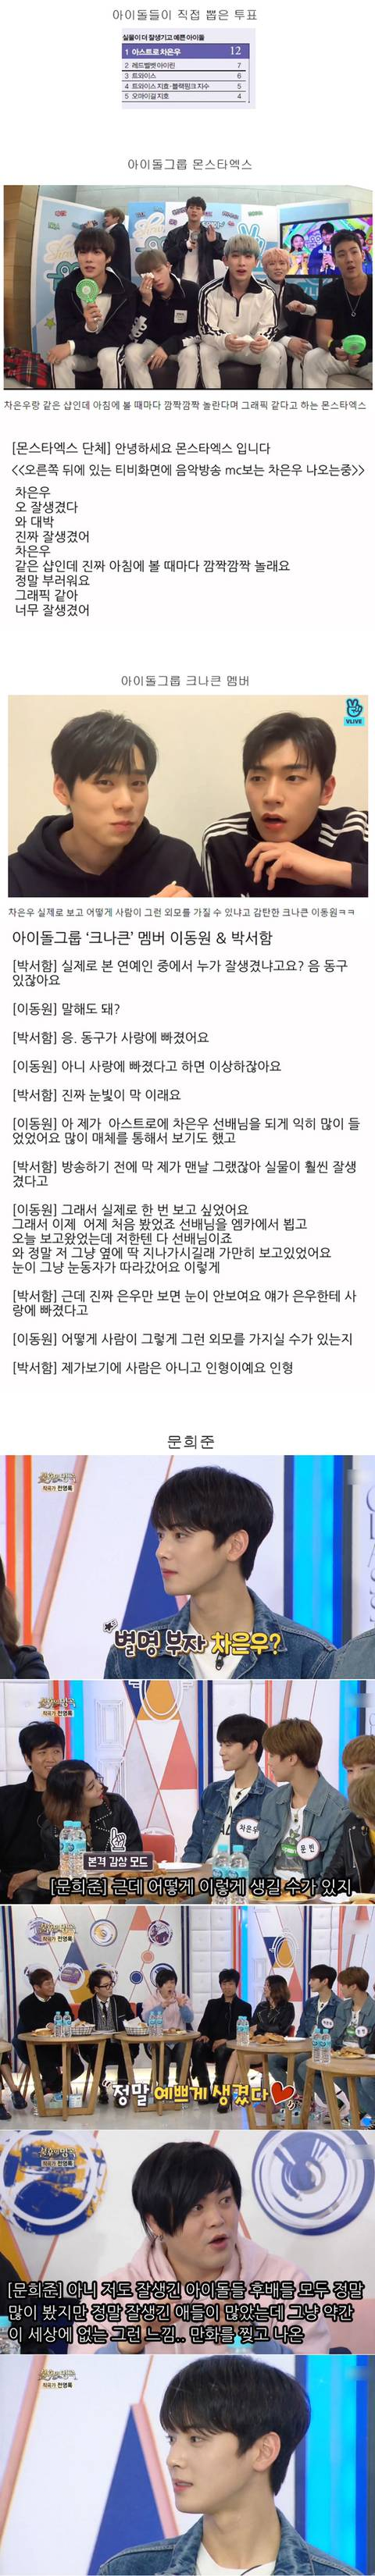 차은우 실물 본 남자연예인들 반응 | 인스티즈